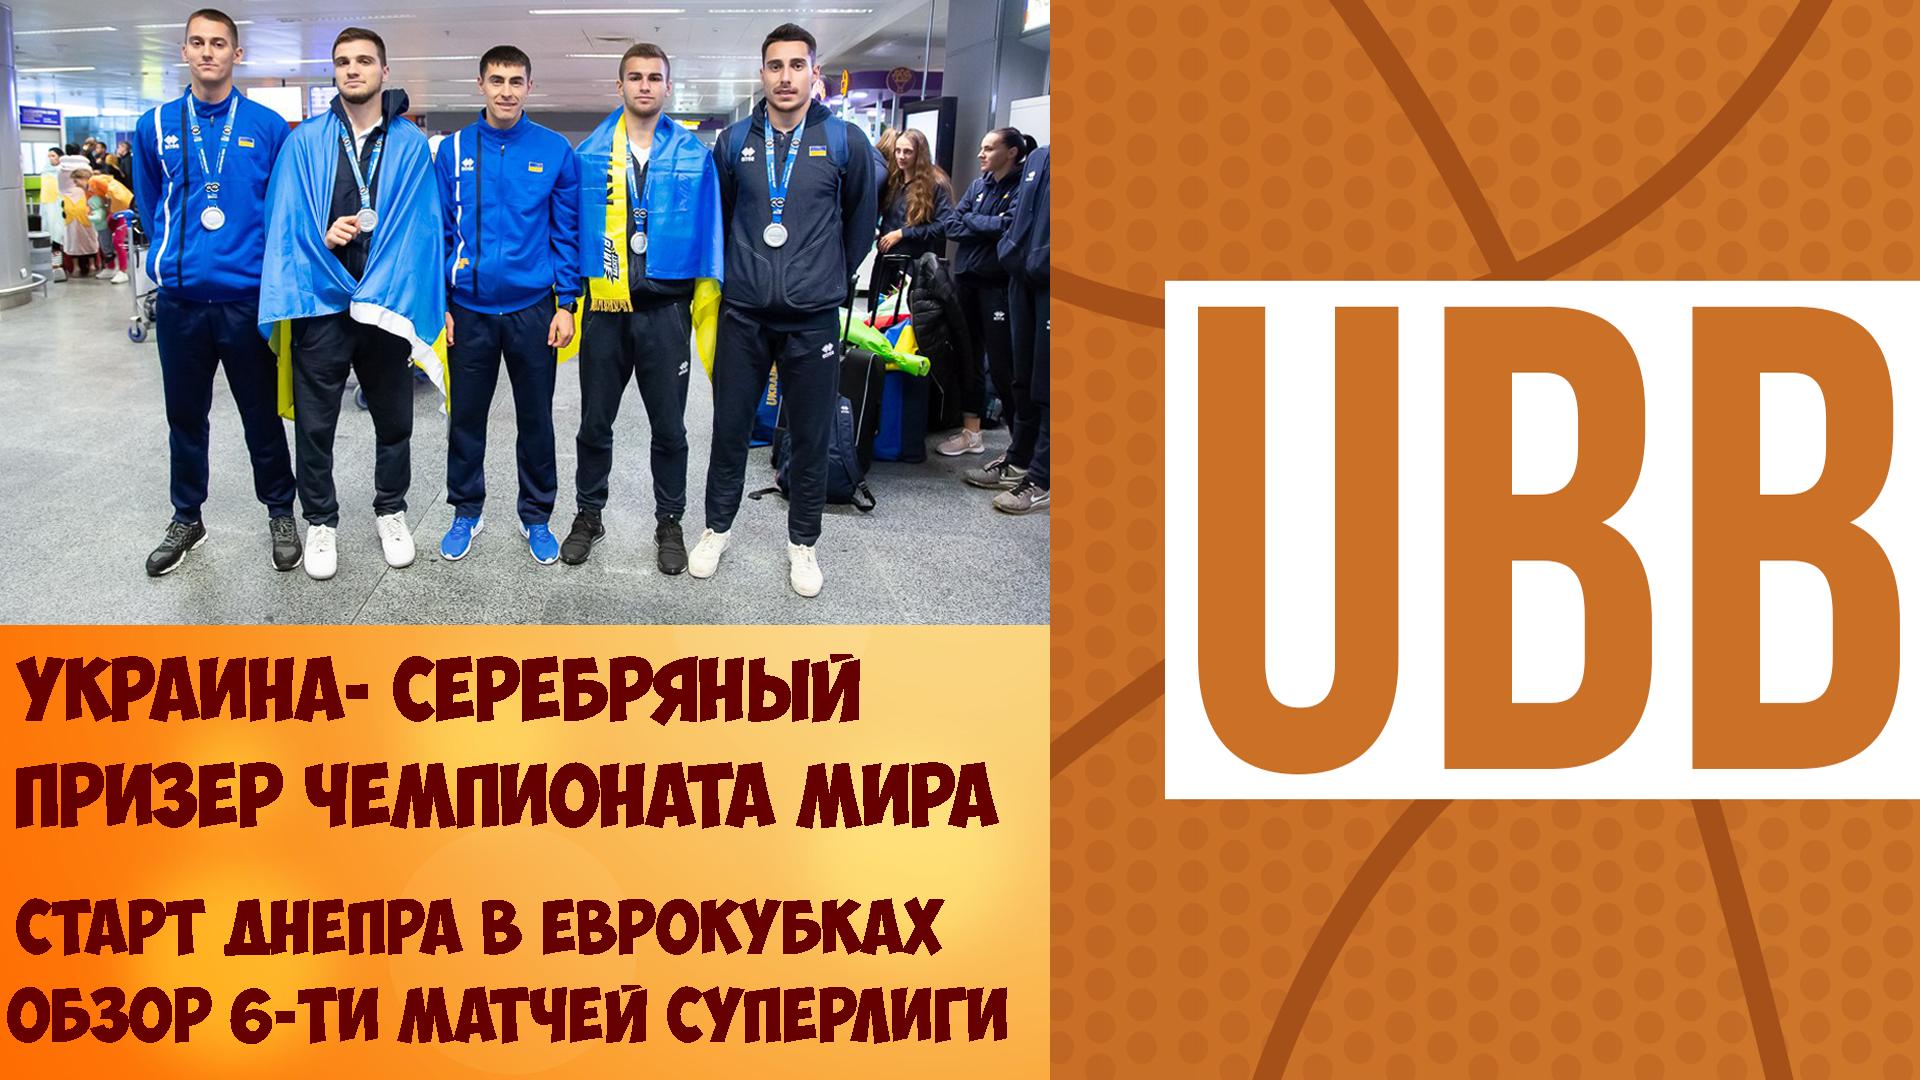 Украина- серебряный призер Чемпионата Мира, старт Днепра в еврокубках и обзор матчей Суперлиги